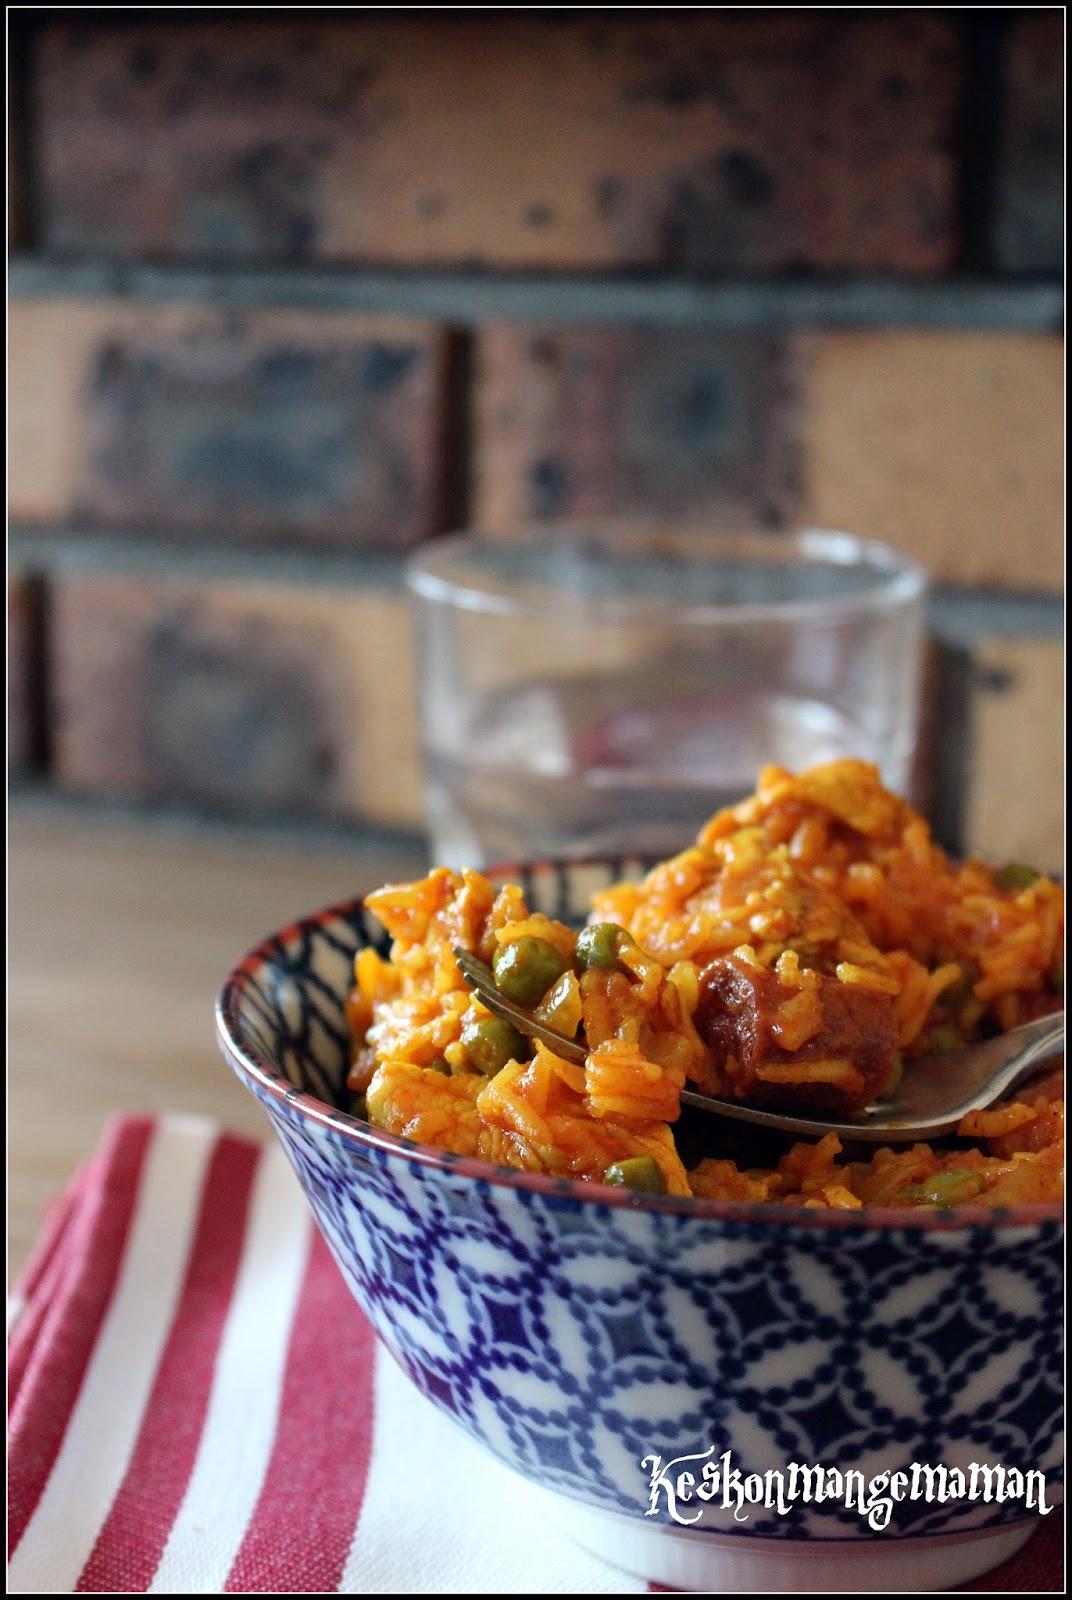 Keskonmangemaman riz l 39 espagnole au poulet au multi cuiseur recette facile et conomique - Absorber l humidite avec du riz ...